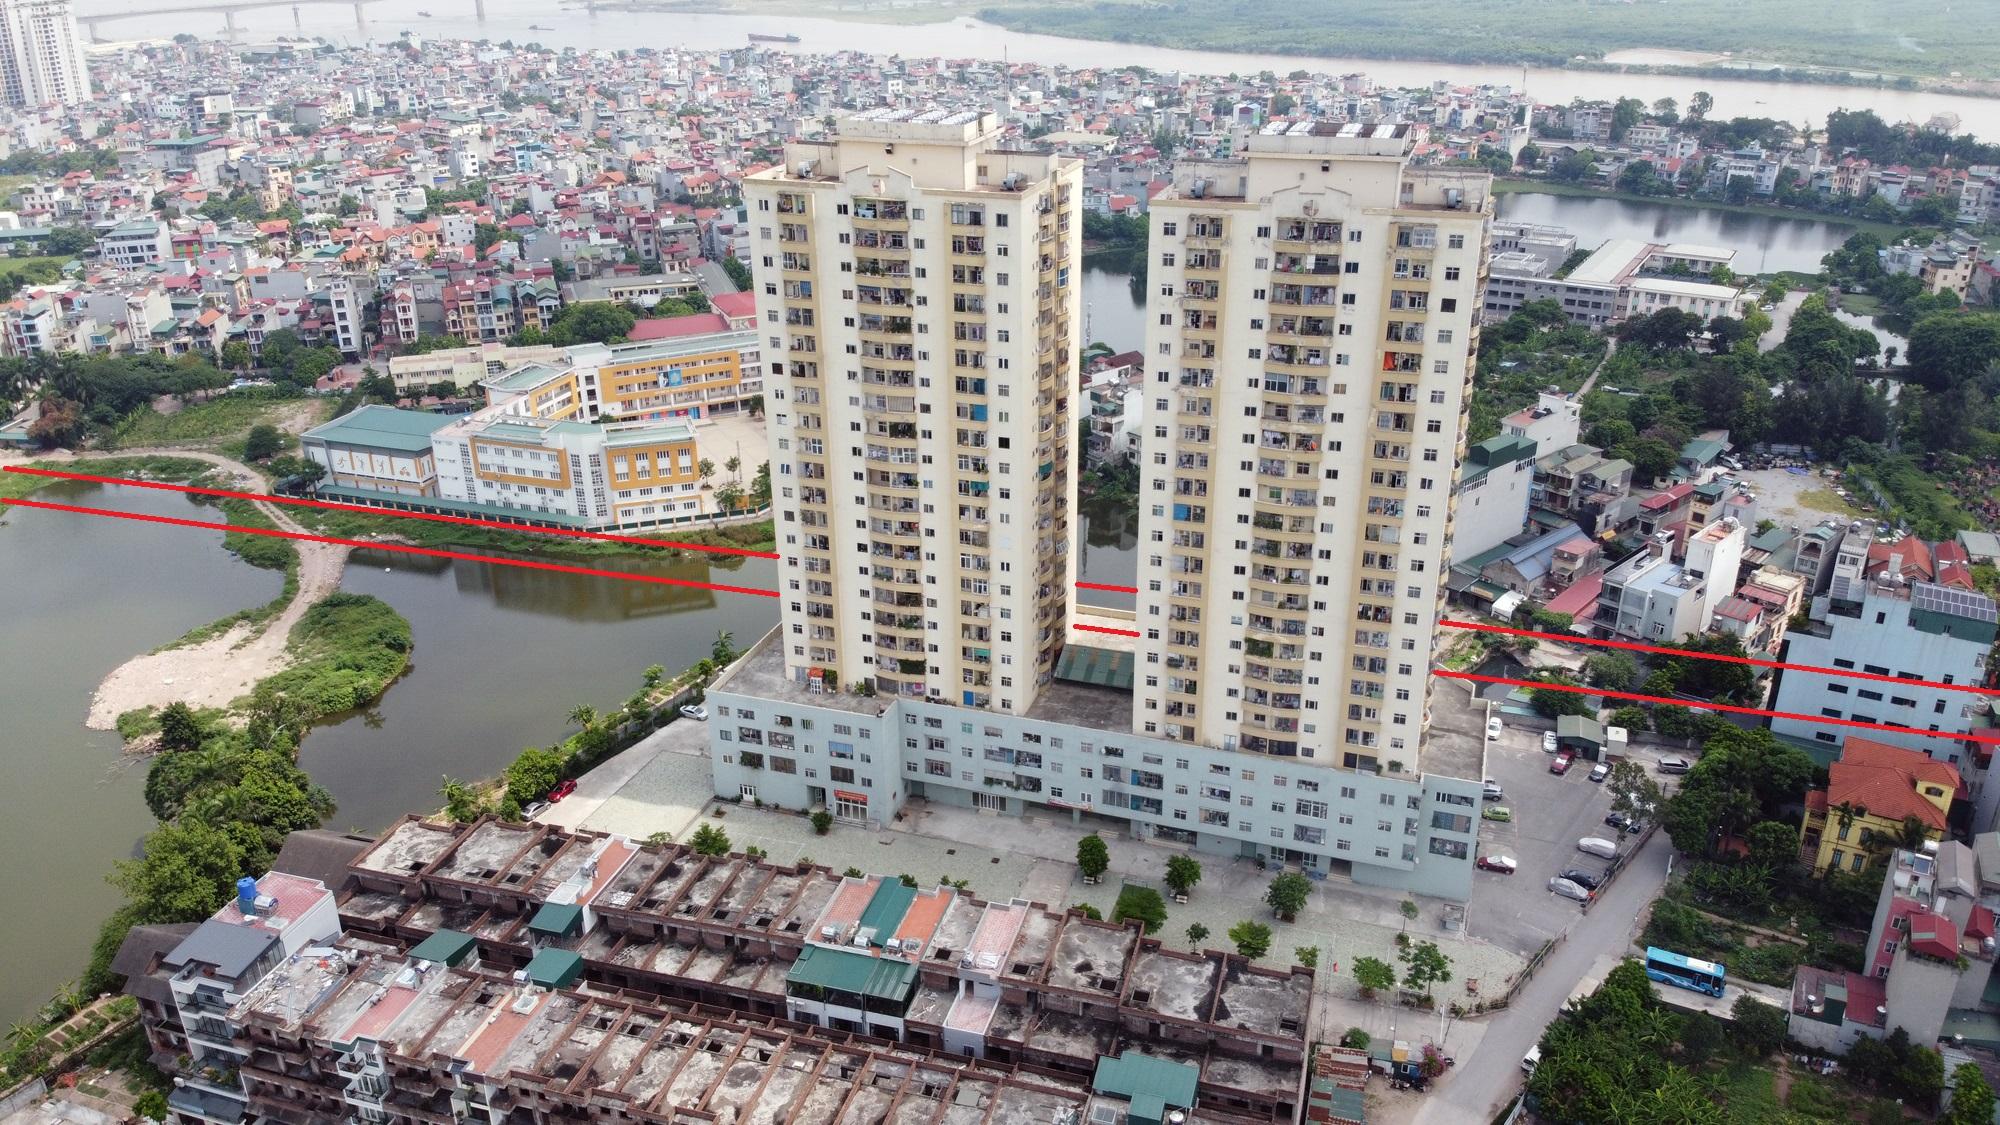 đường sẽ mở theo qui hoạch ở phường Thanh Trì, Hoàng Mai, Hà Nội - Ảnh 9.